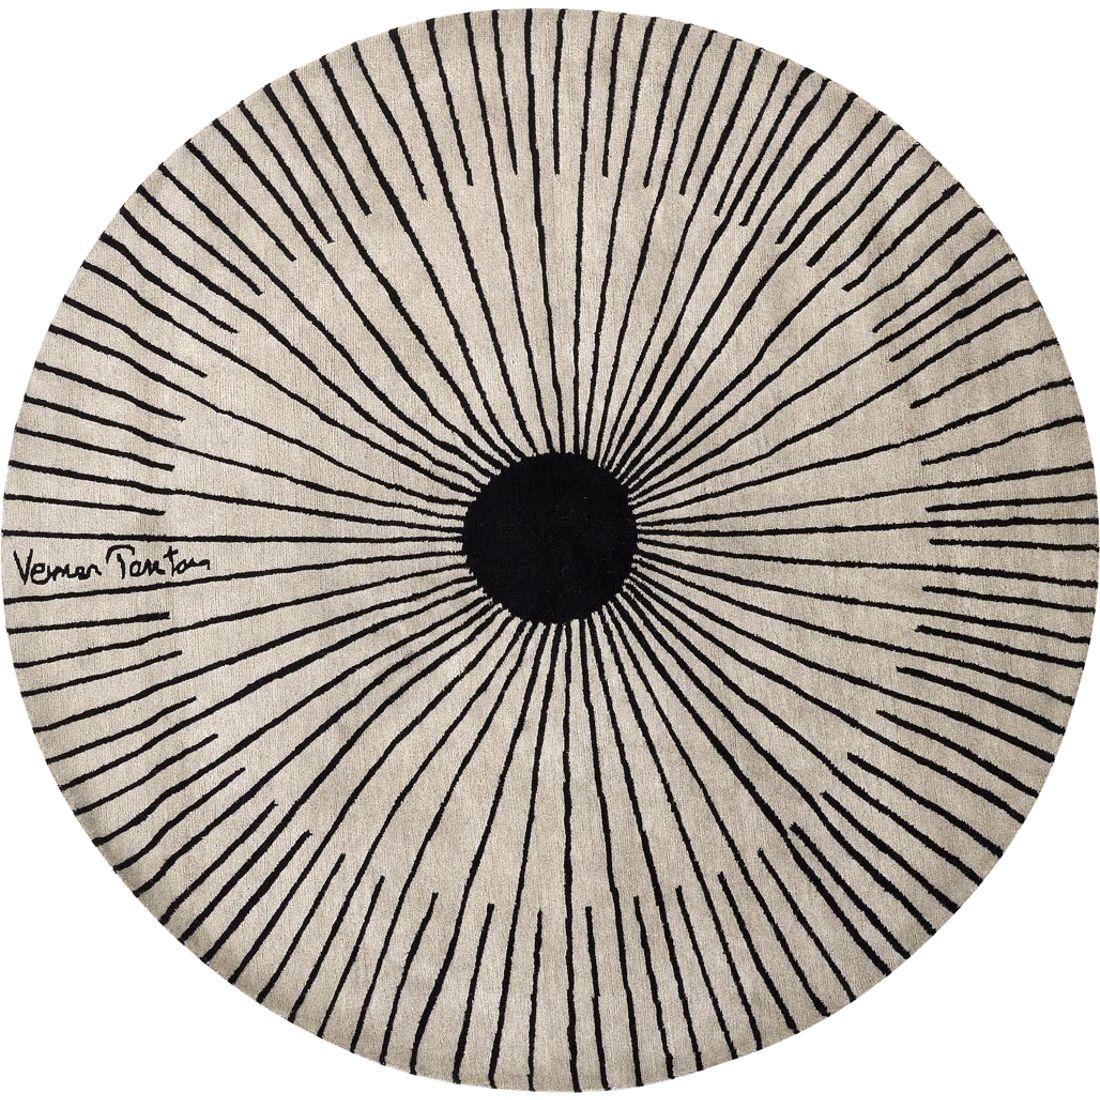 Der Vp Rays Teppich von Designercarpets, Design 1995 von Verner ...